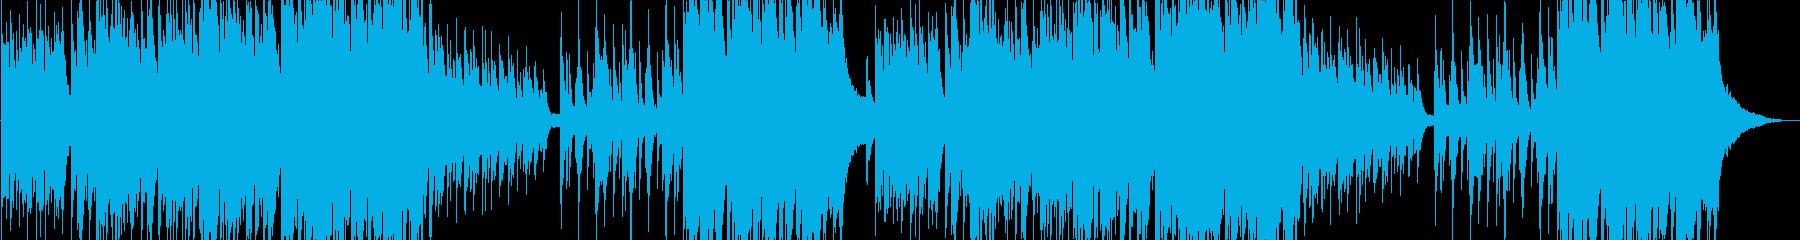 綺麗なピアノソロBGMの再生済みの波形